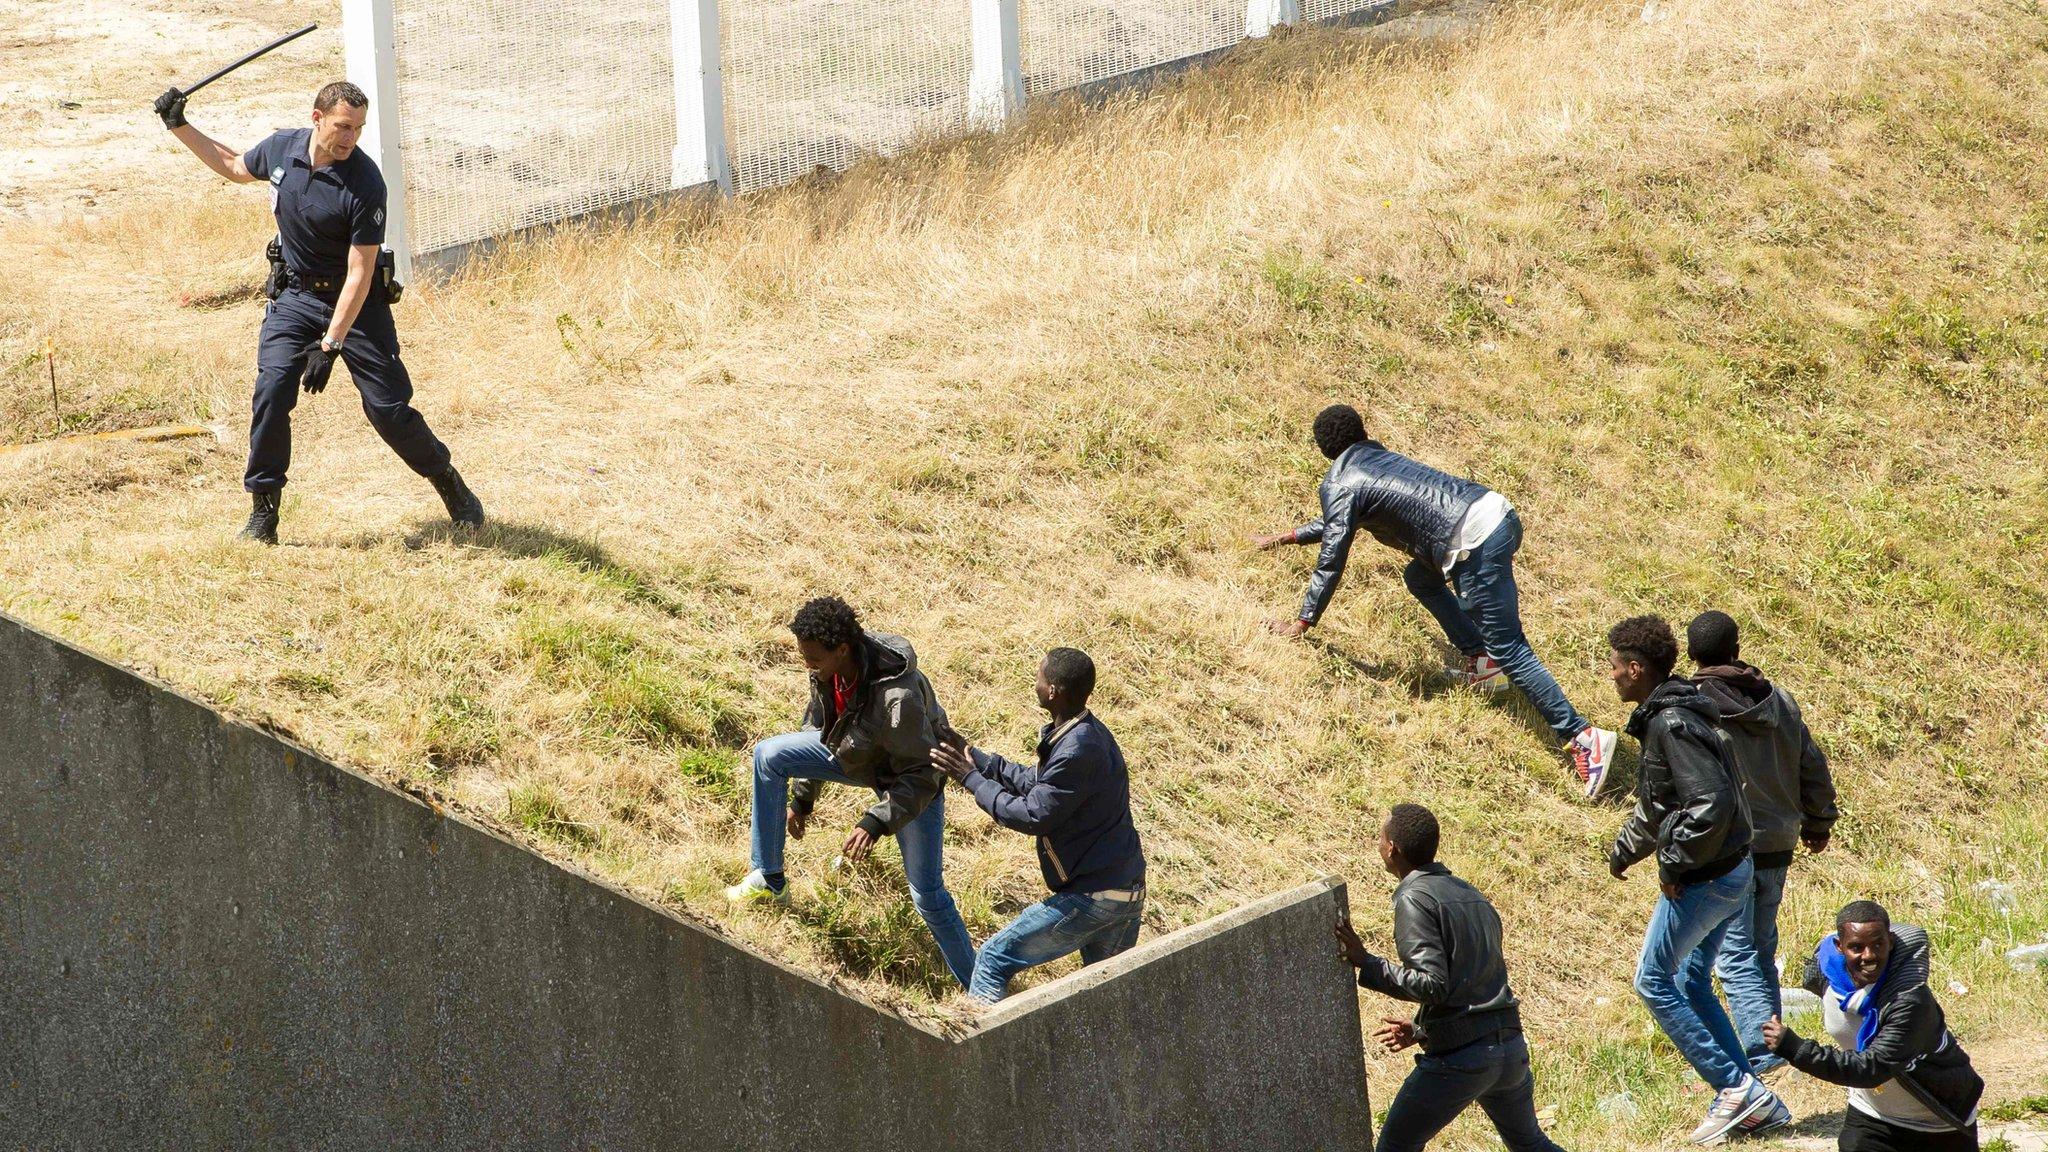 Захват жилья в испании мигрантом